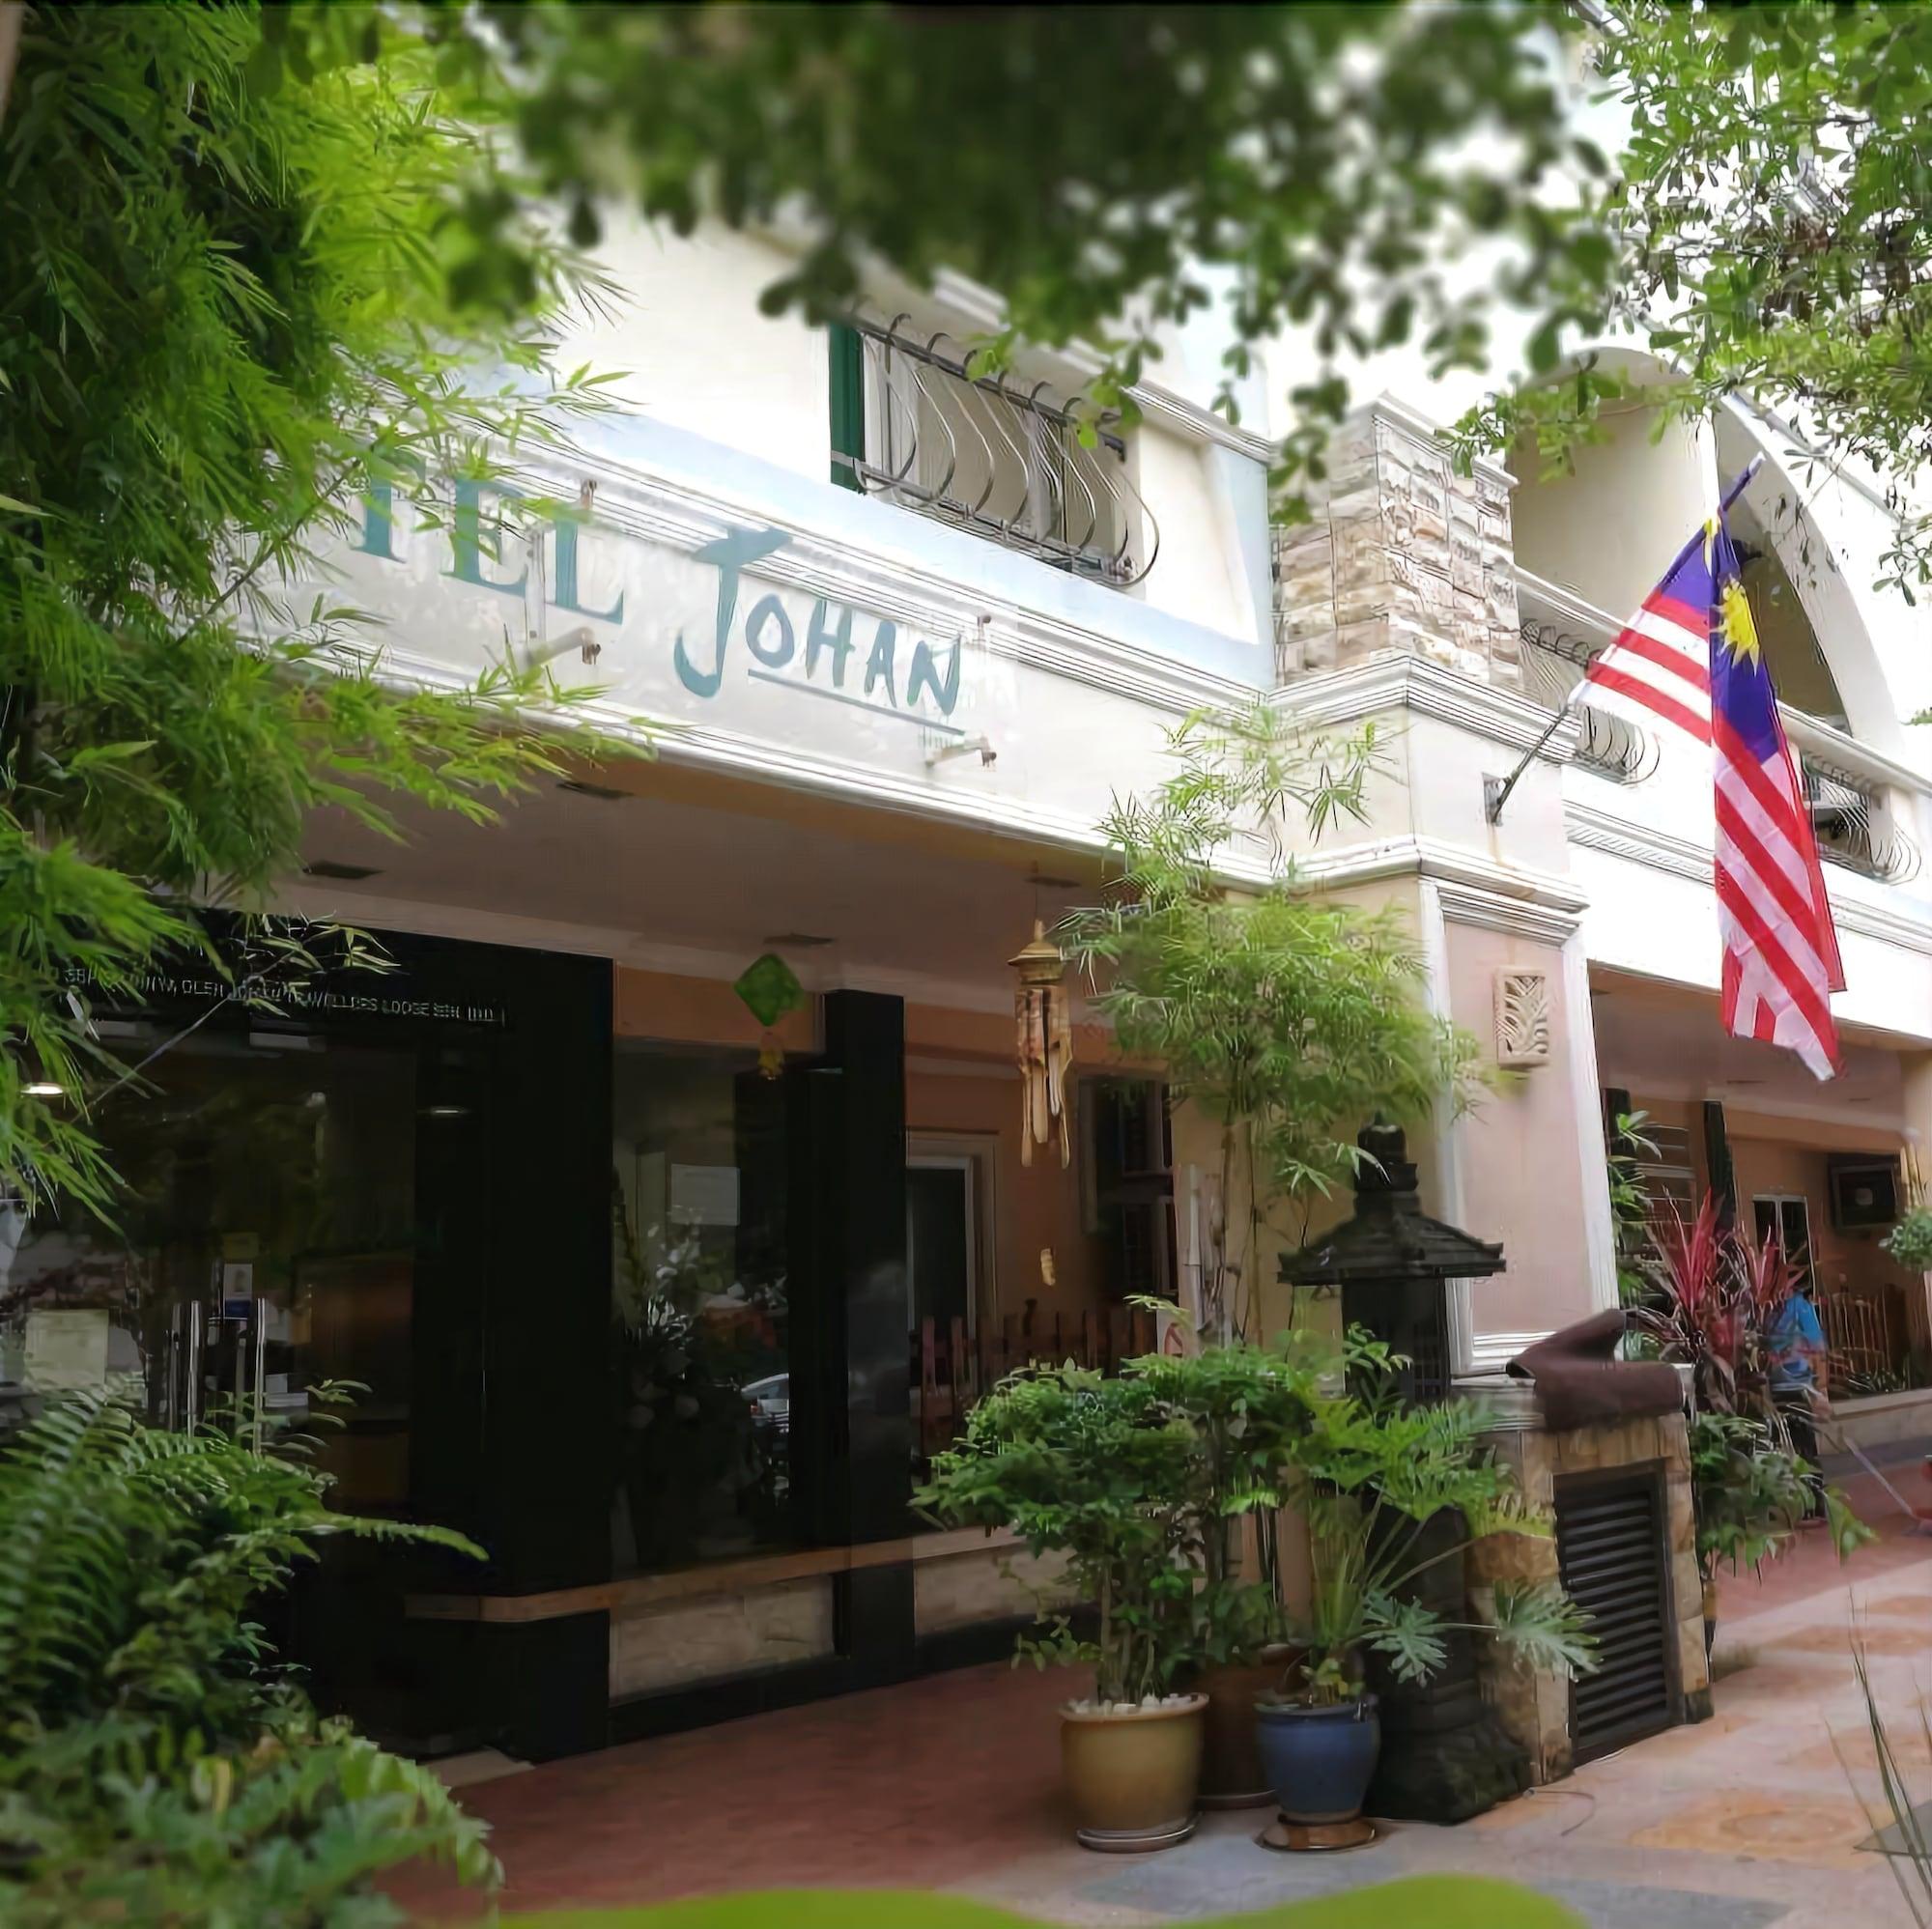 Hotel Johan, Kota Melaka